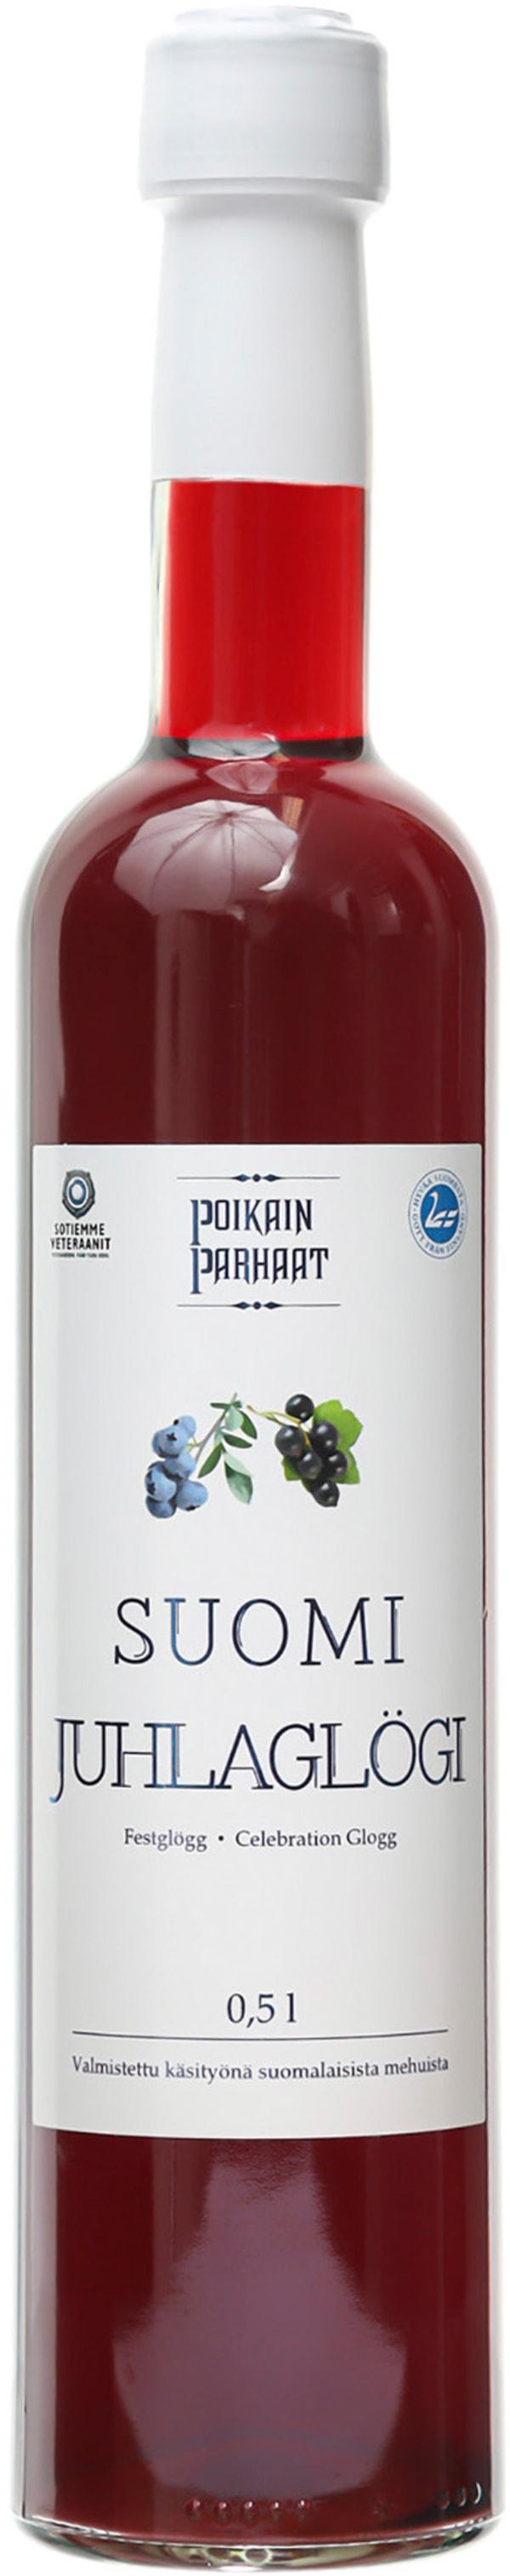 Poikain Parhaat Suomi 100 Alkoholiton Juhlaglögi